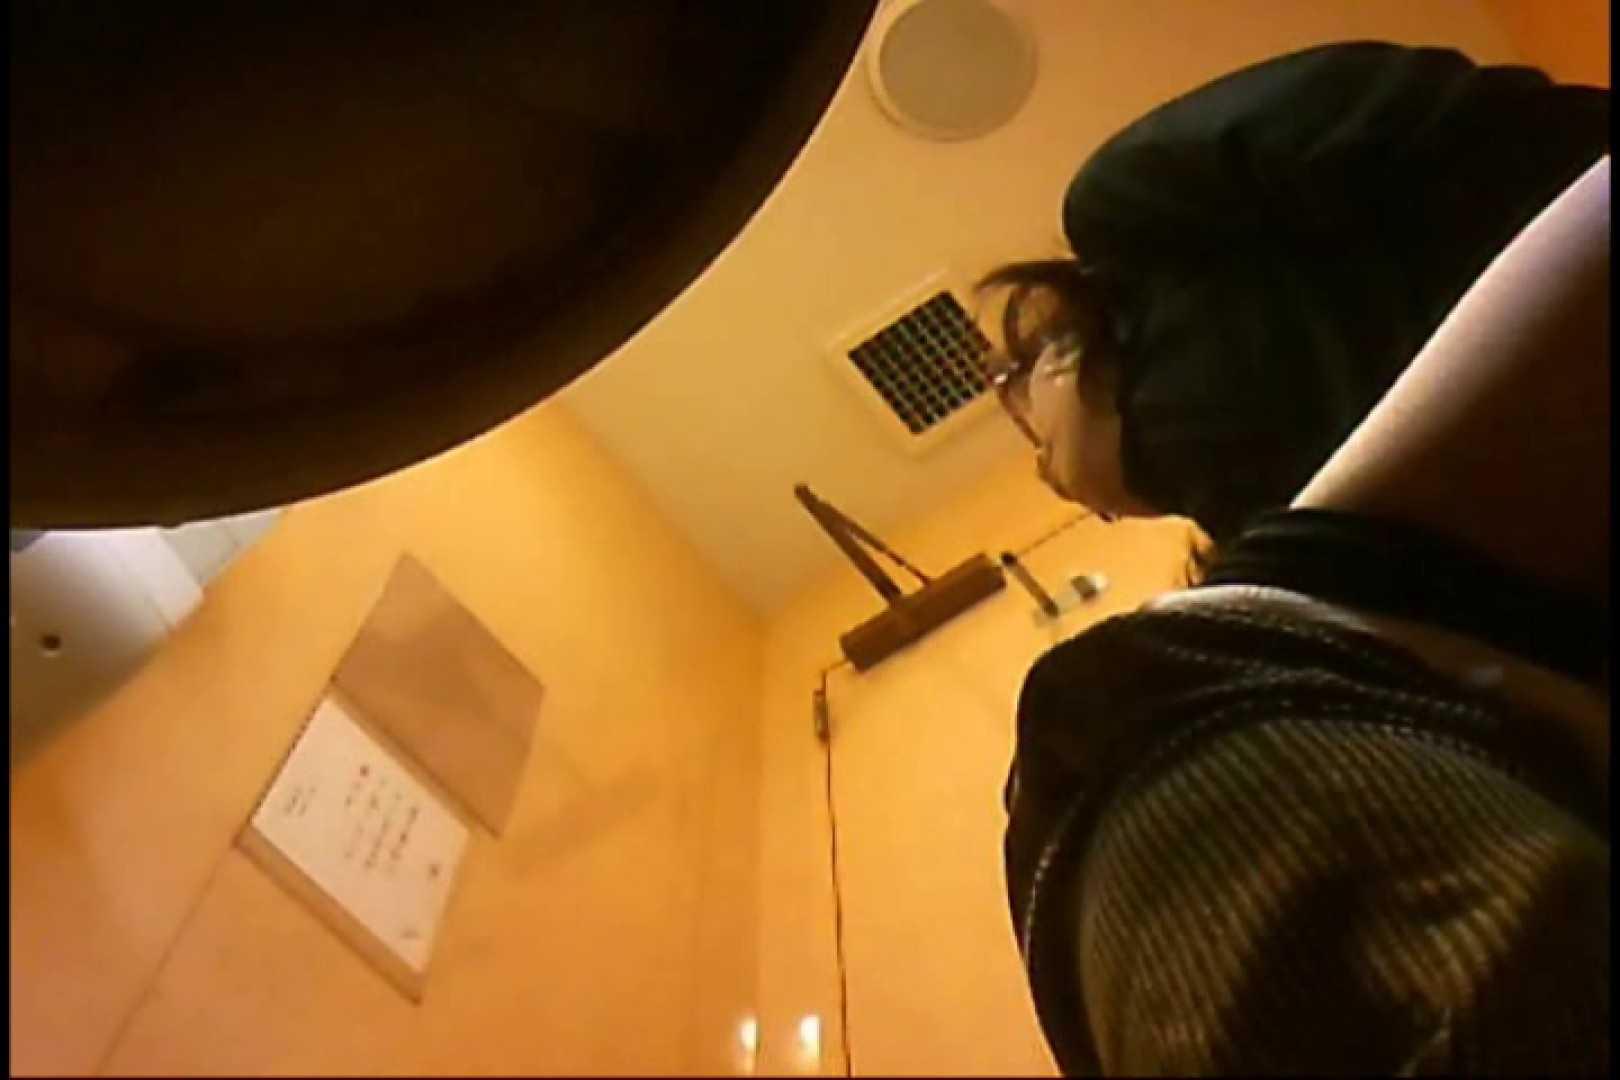 マダムが集まるデパートお手洗い Vol.20 お手洗い すけべAV動画紹介 105pic 59